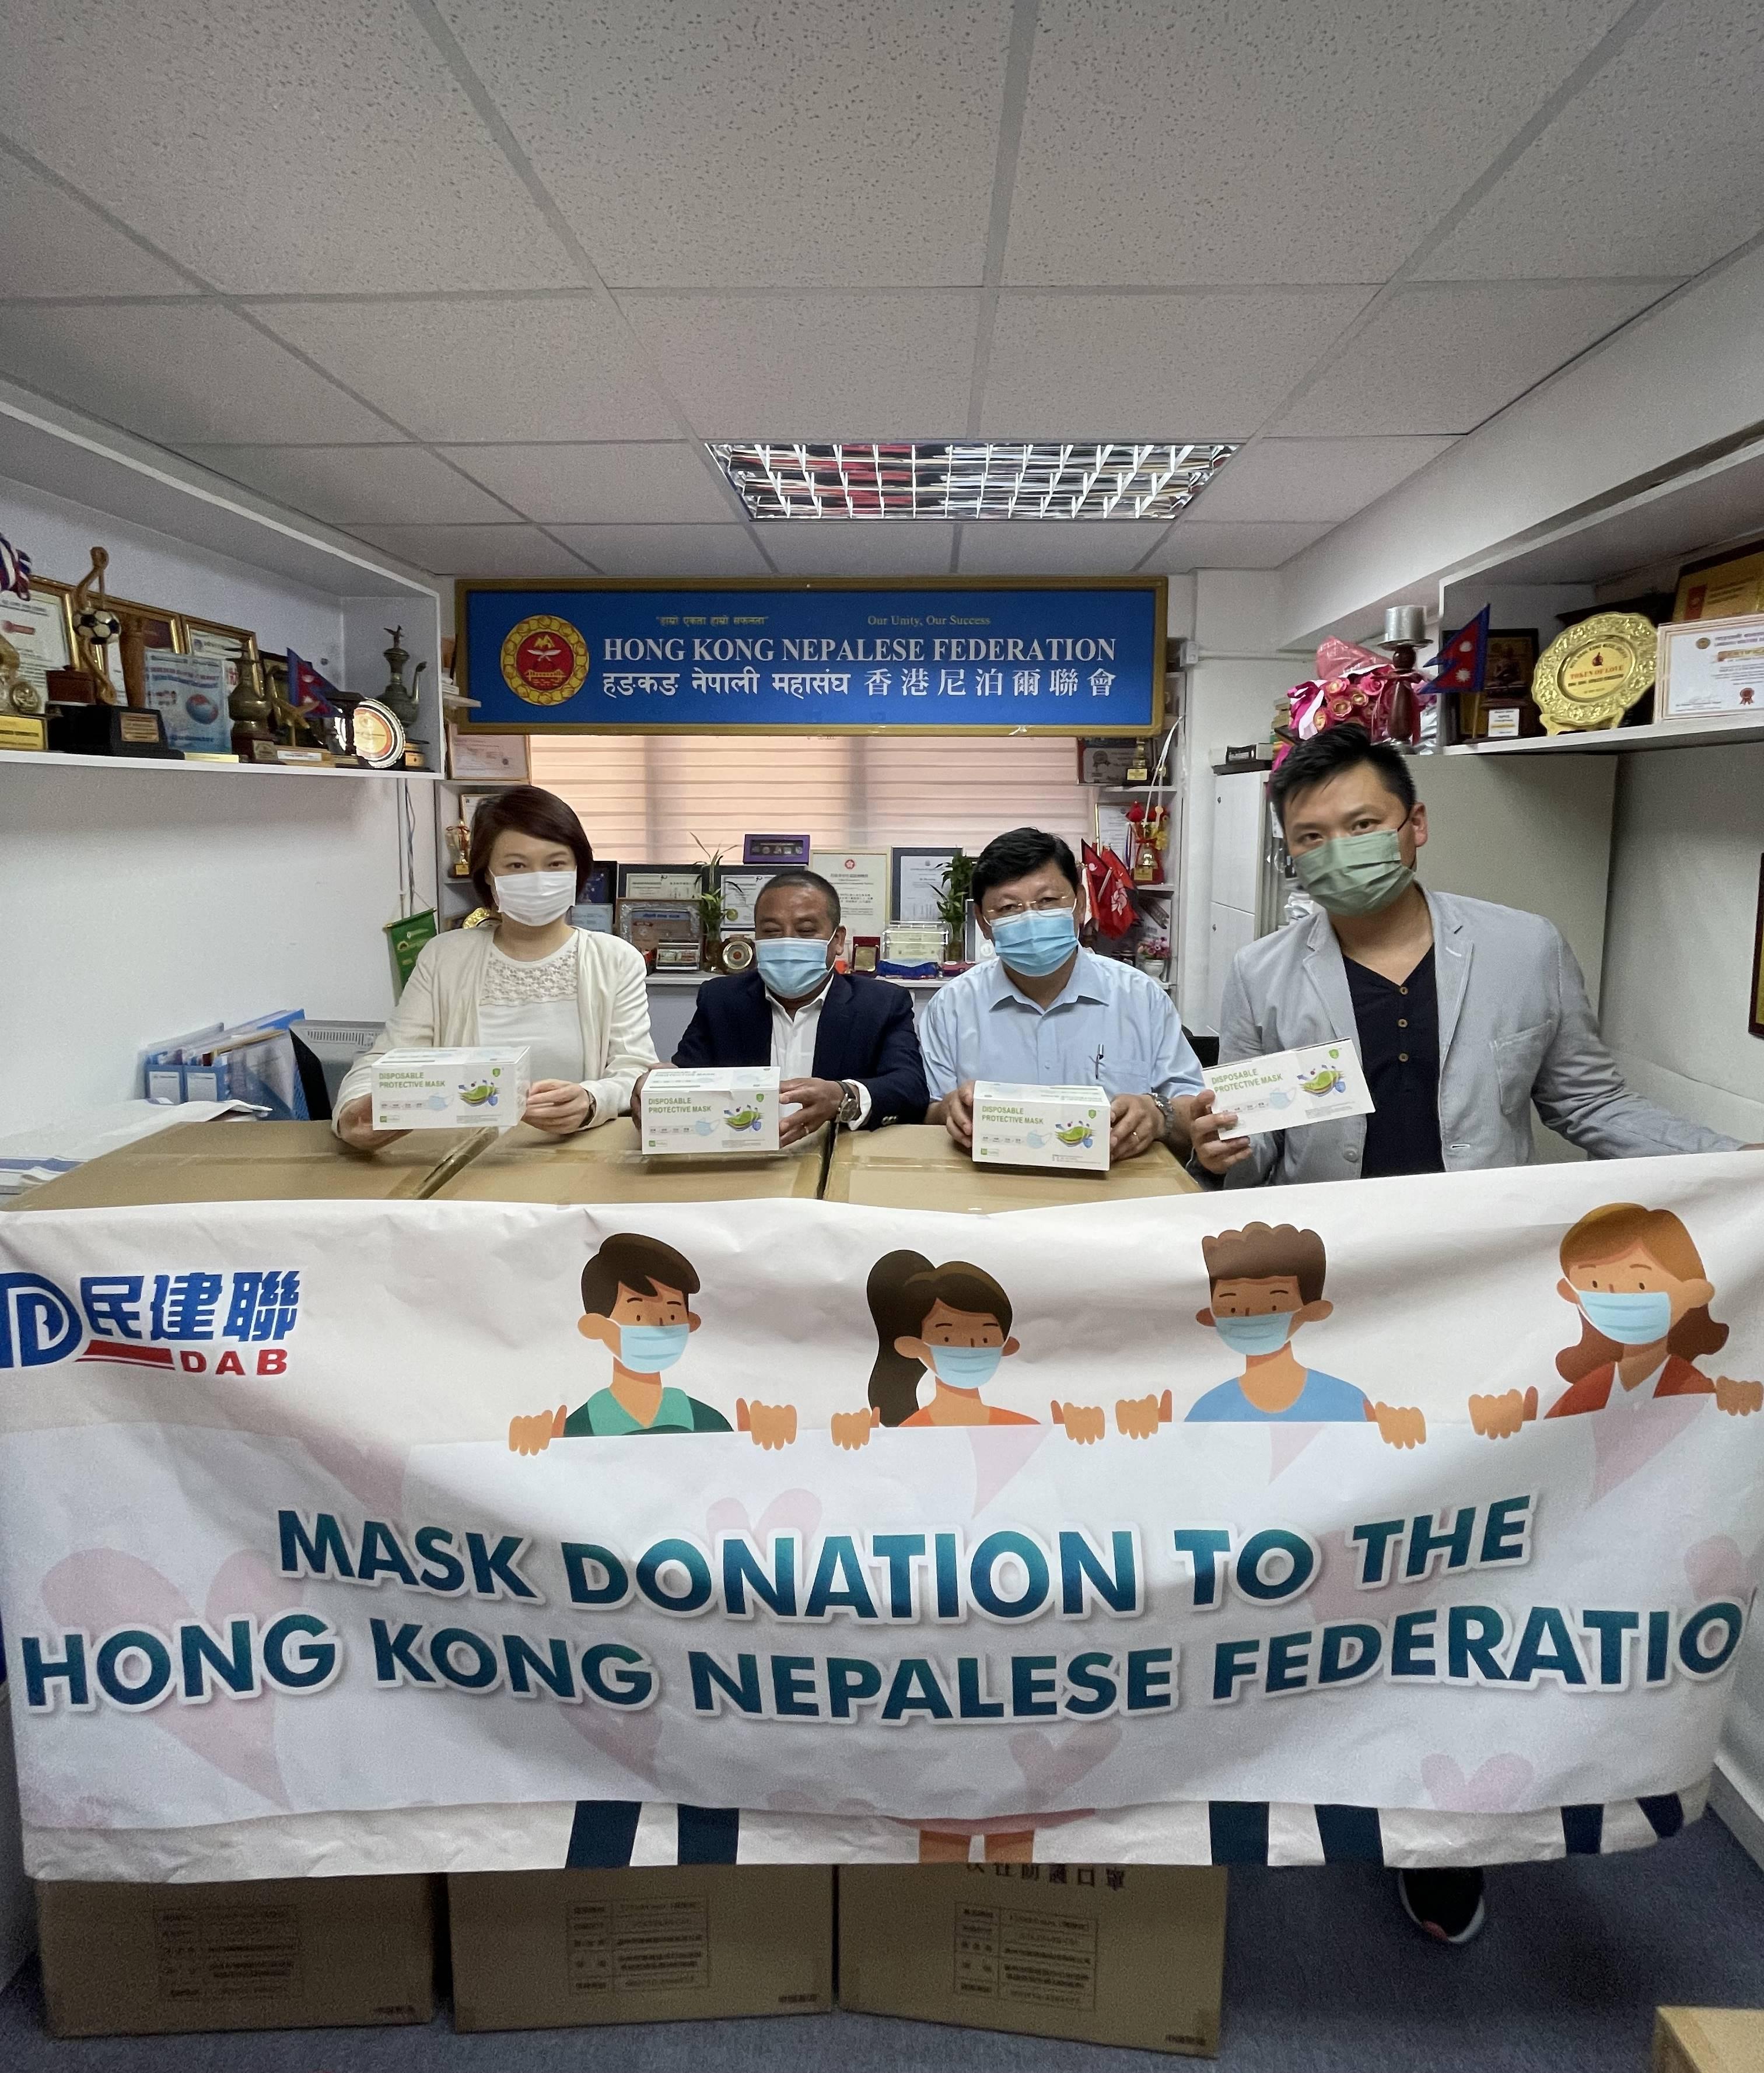 民建聯向尼泊爾團隊贈送5萬個口罩